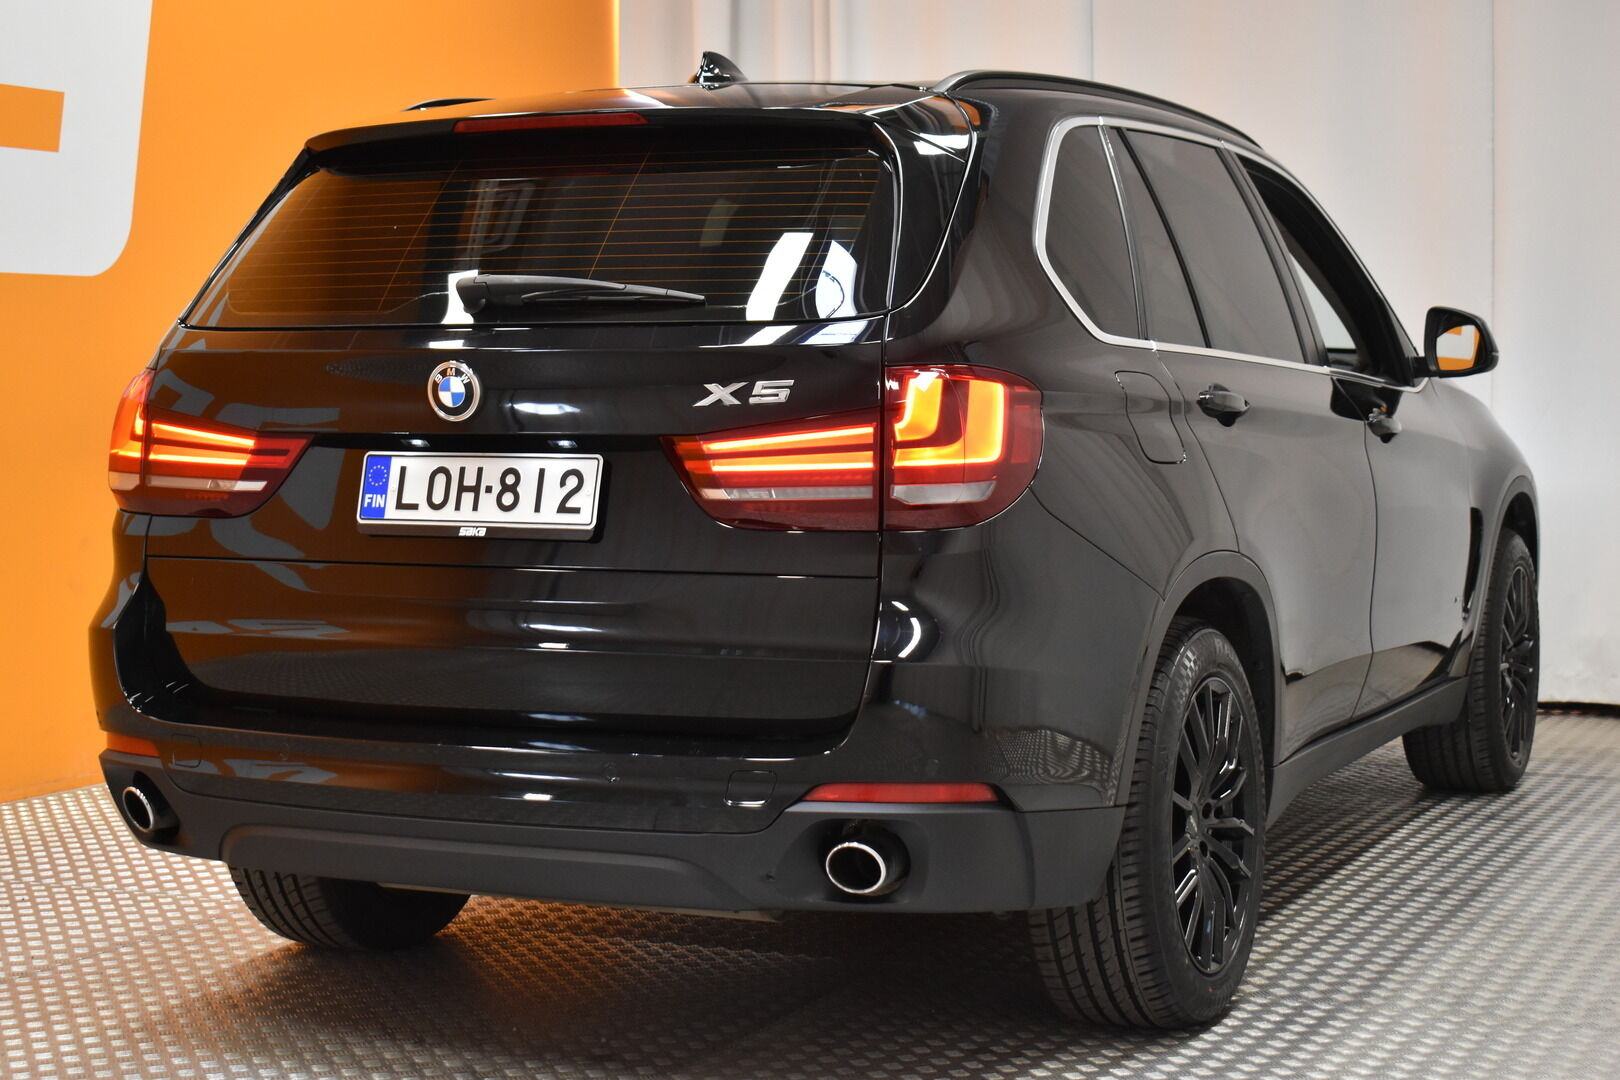 Musta Maastoauto, BMW X5 – LOH-812, kuva 7